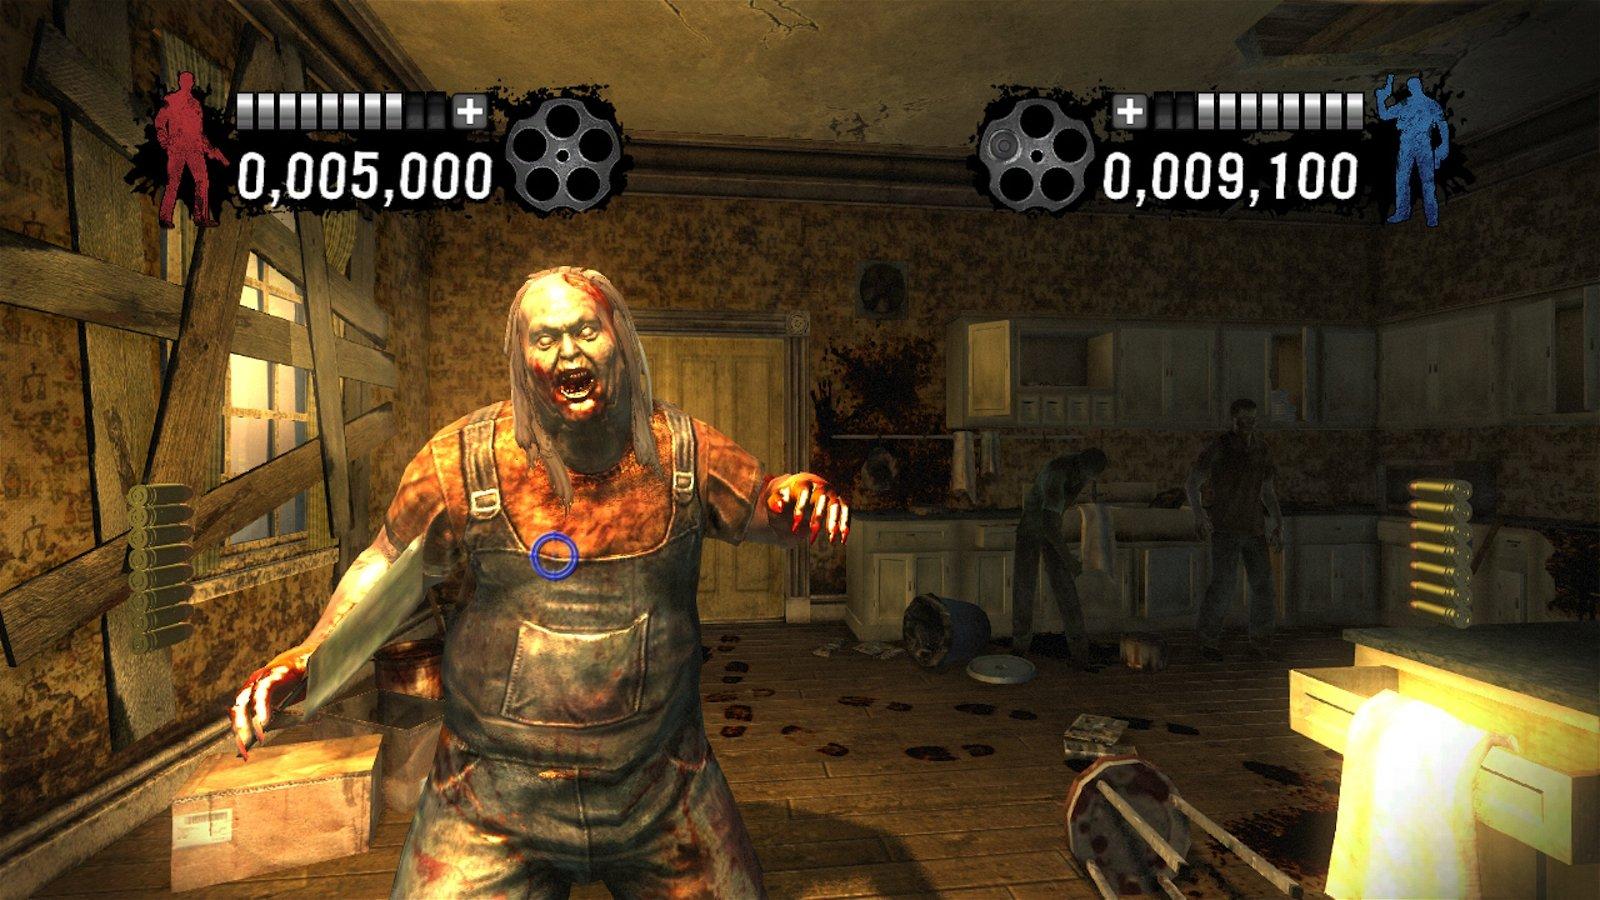 Essential Playstation Titles That Deserve A Psvr Makeover 3